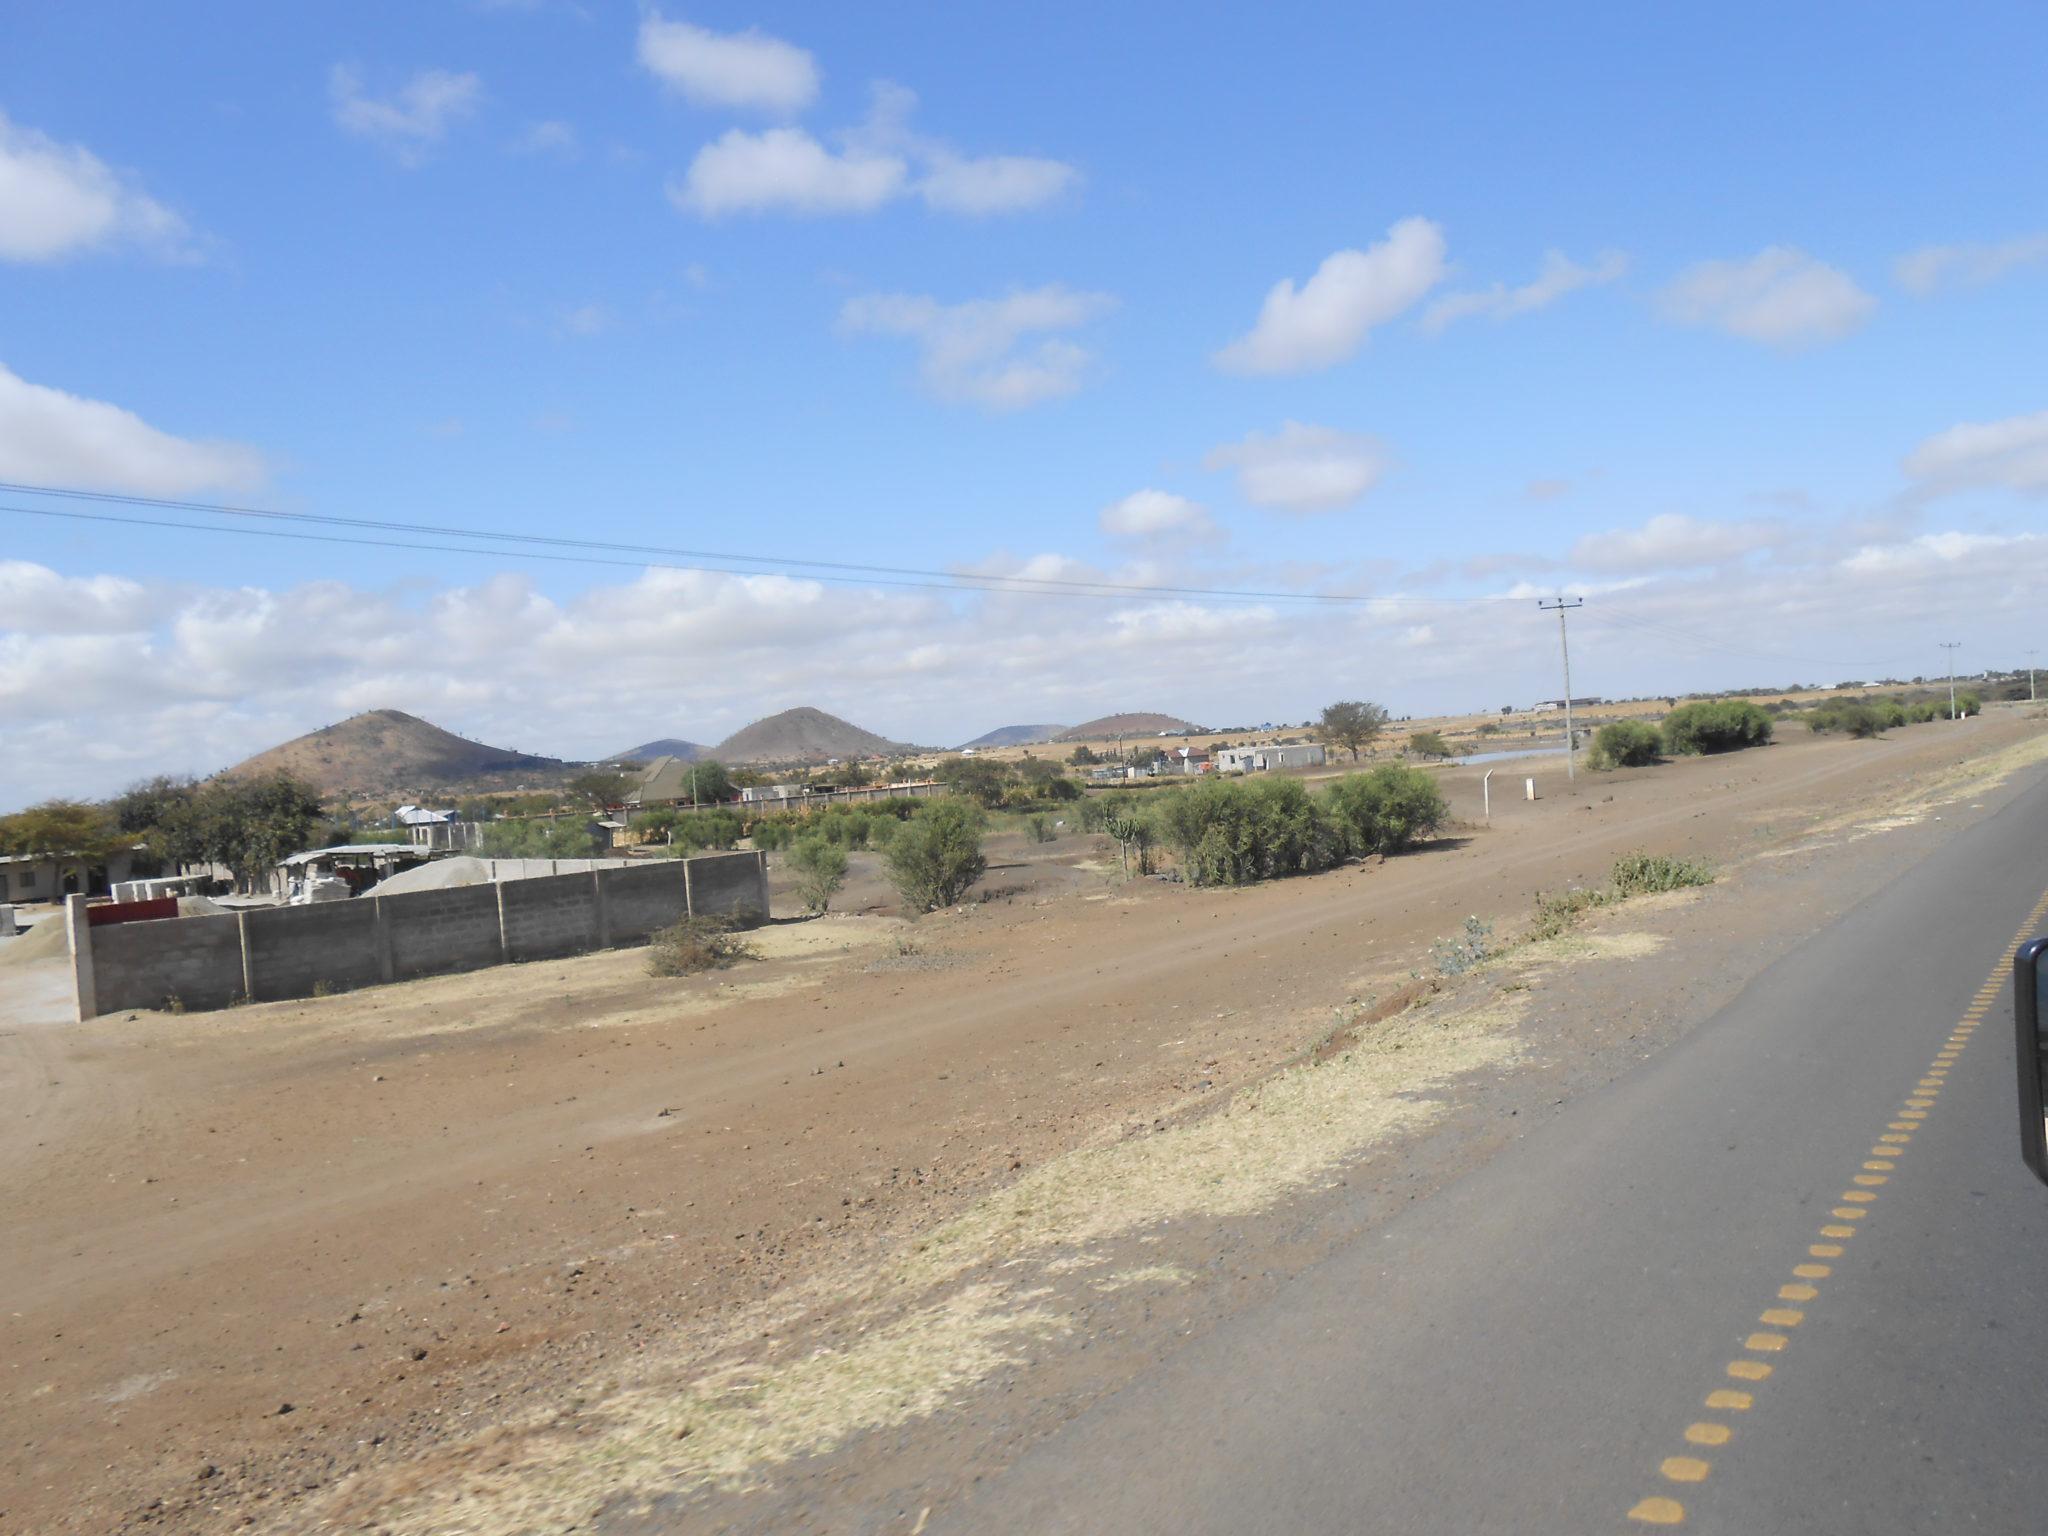 Sfeerbeeldje langs de baan op weg naar de safari. Zo krijg je ook eens een beeld van hoe het Tanzaniaanse platteland er uit ziet. Al kan dat wel sterk verschillen van streek tot streek. Ons hospitaal ligt bijvoorbeeld in een heel groene zone, maar woestijnlandschappen zoals deze zijn ook veel te vinden!